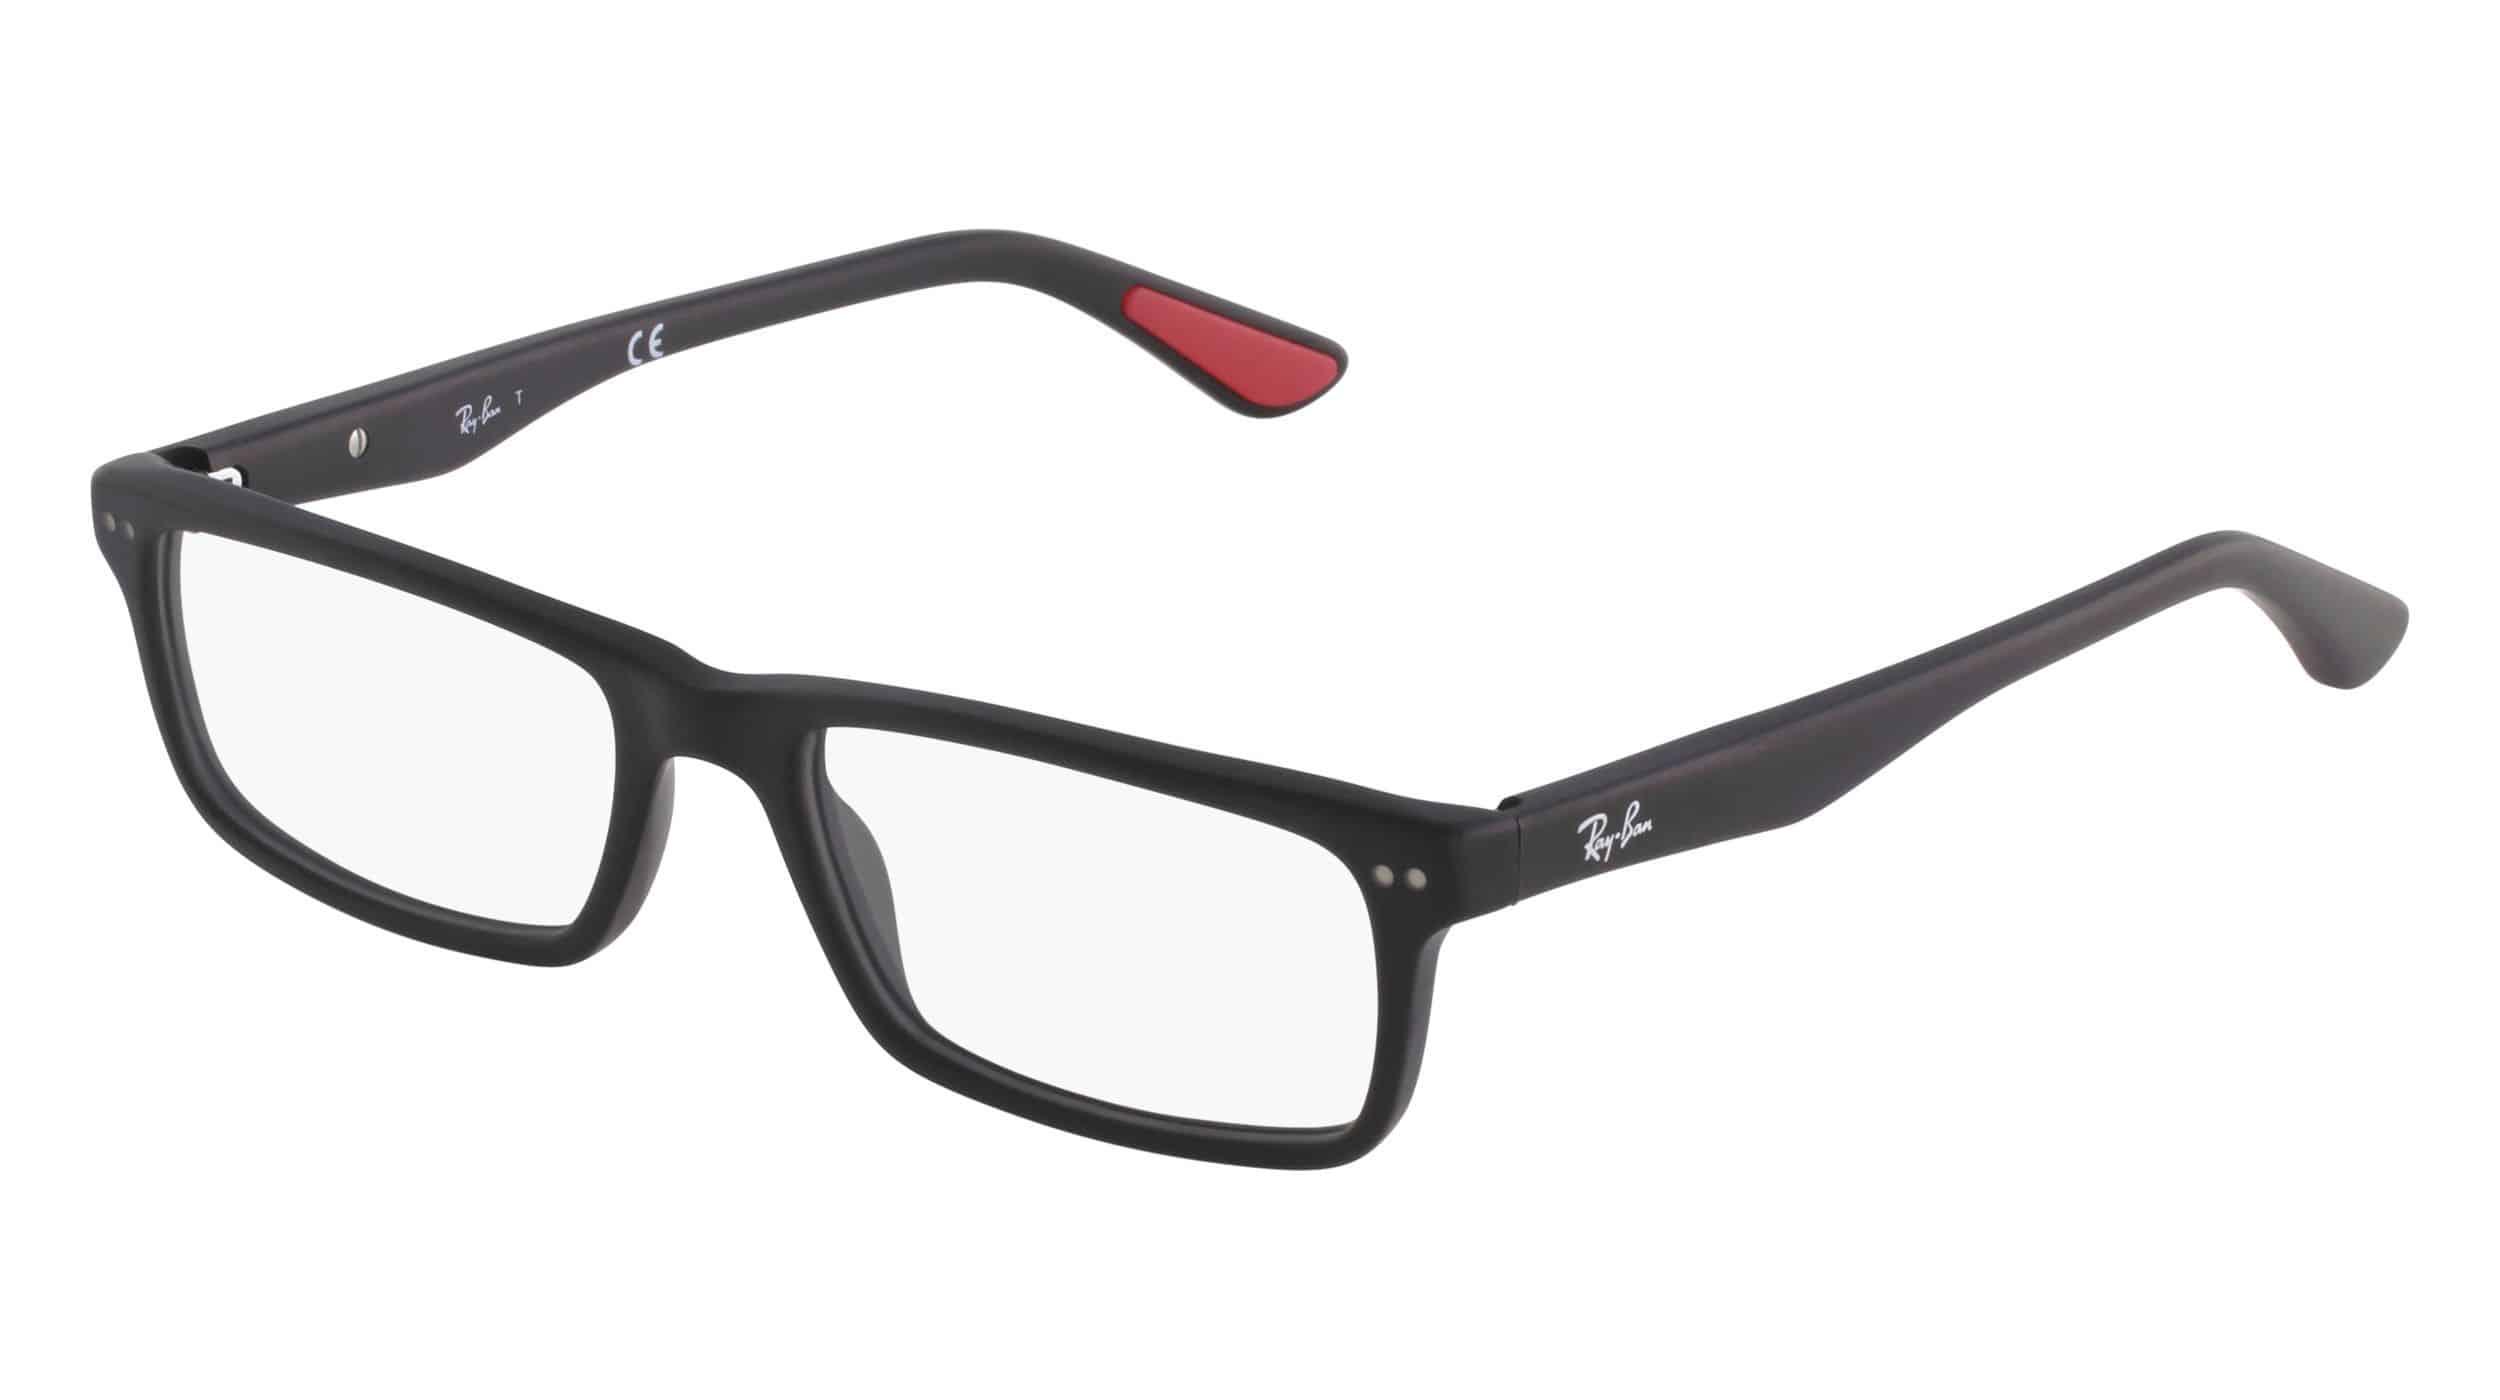 lunettes de vue une nouvelle tendance. Black Bedroom Furniture Sets. Home Design Ideas